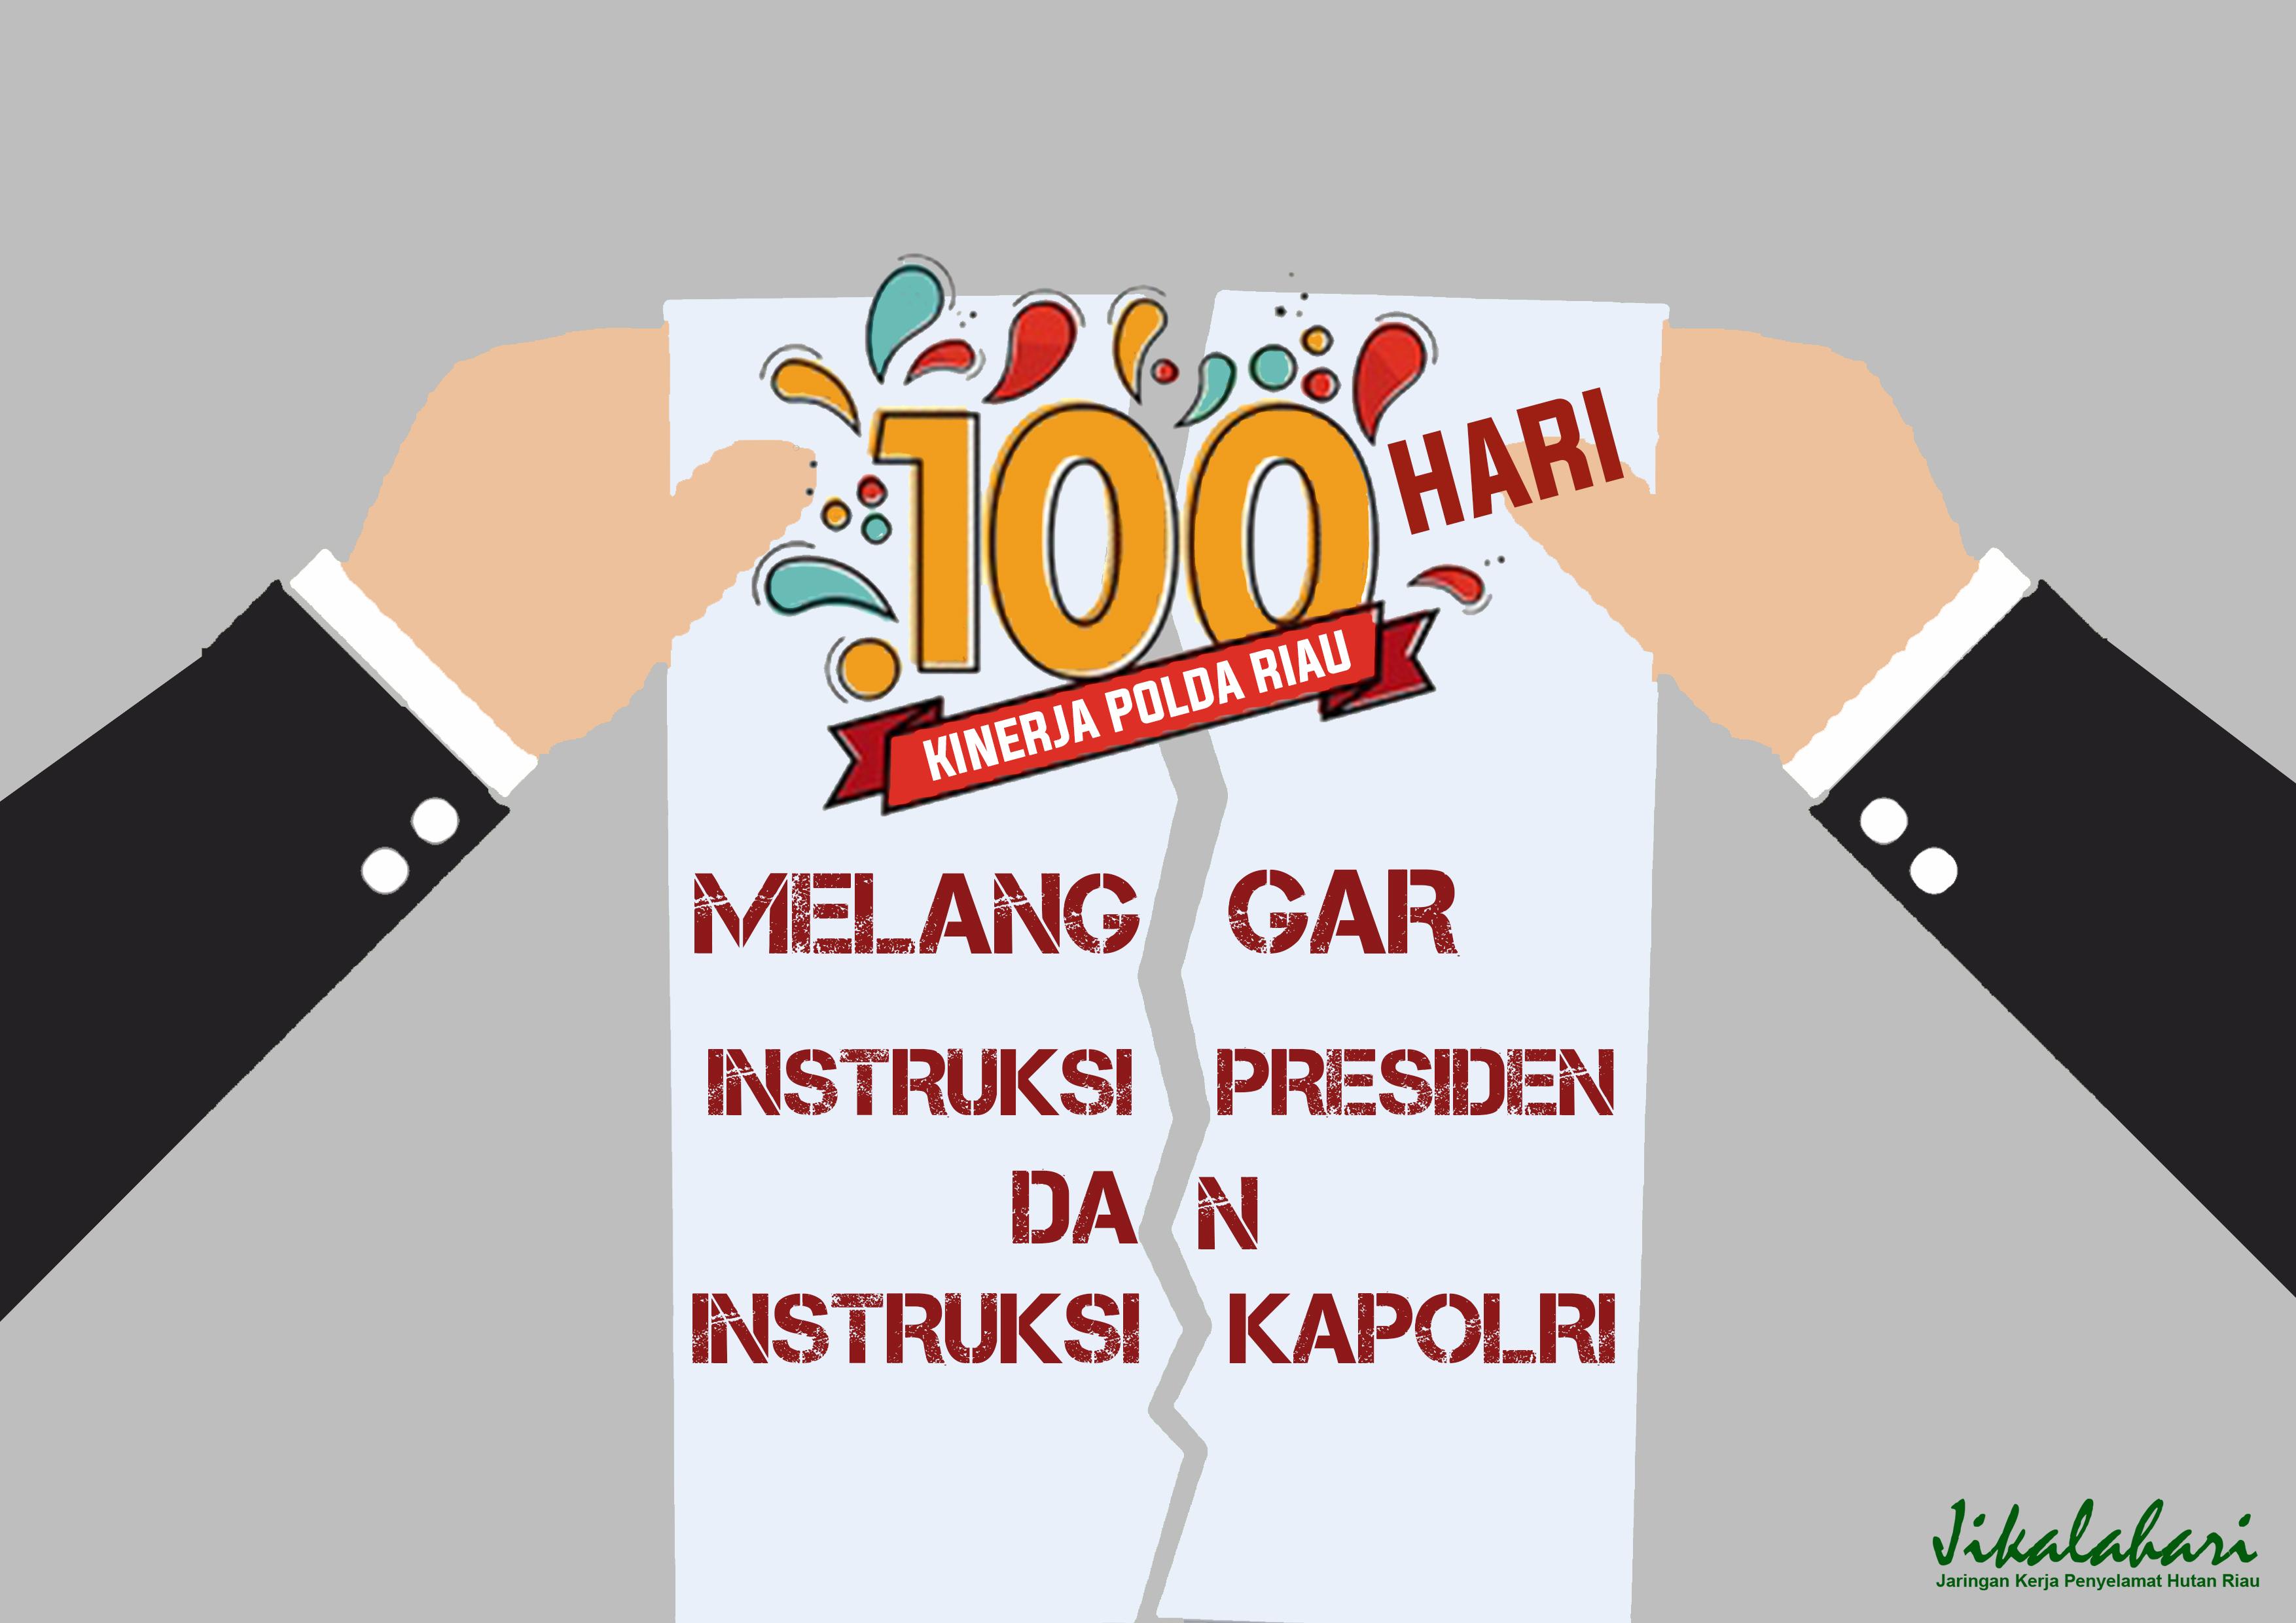 100 Hari Kinerja Polda Riau: Melanggar IInstruksi Presiden dan Instruksi Kapolri